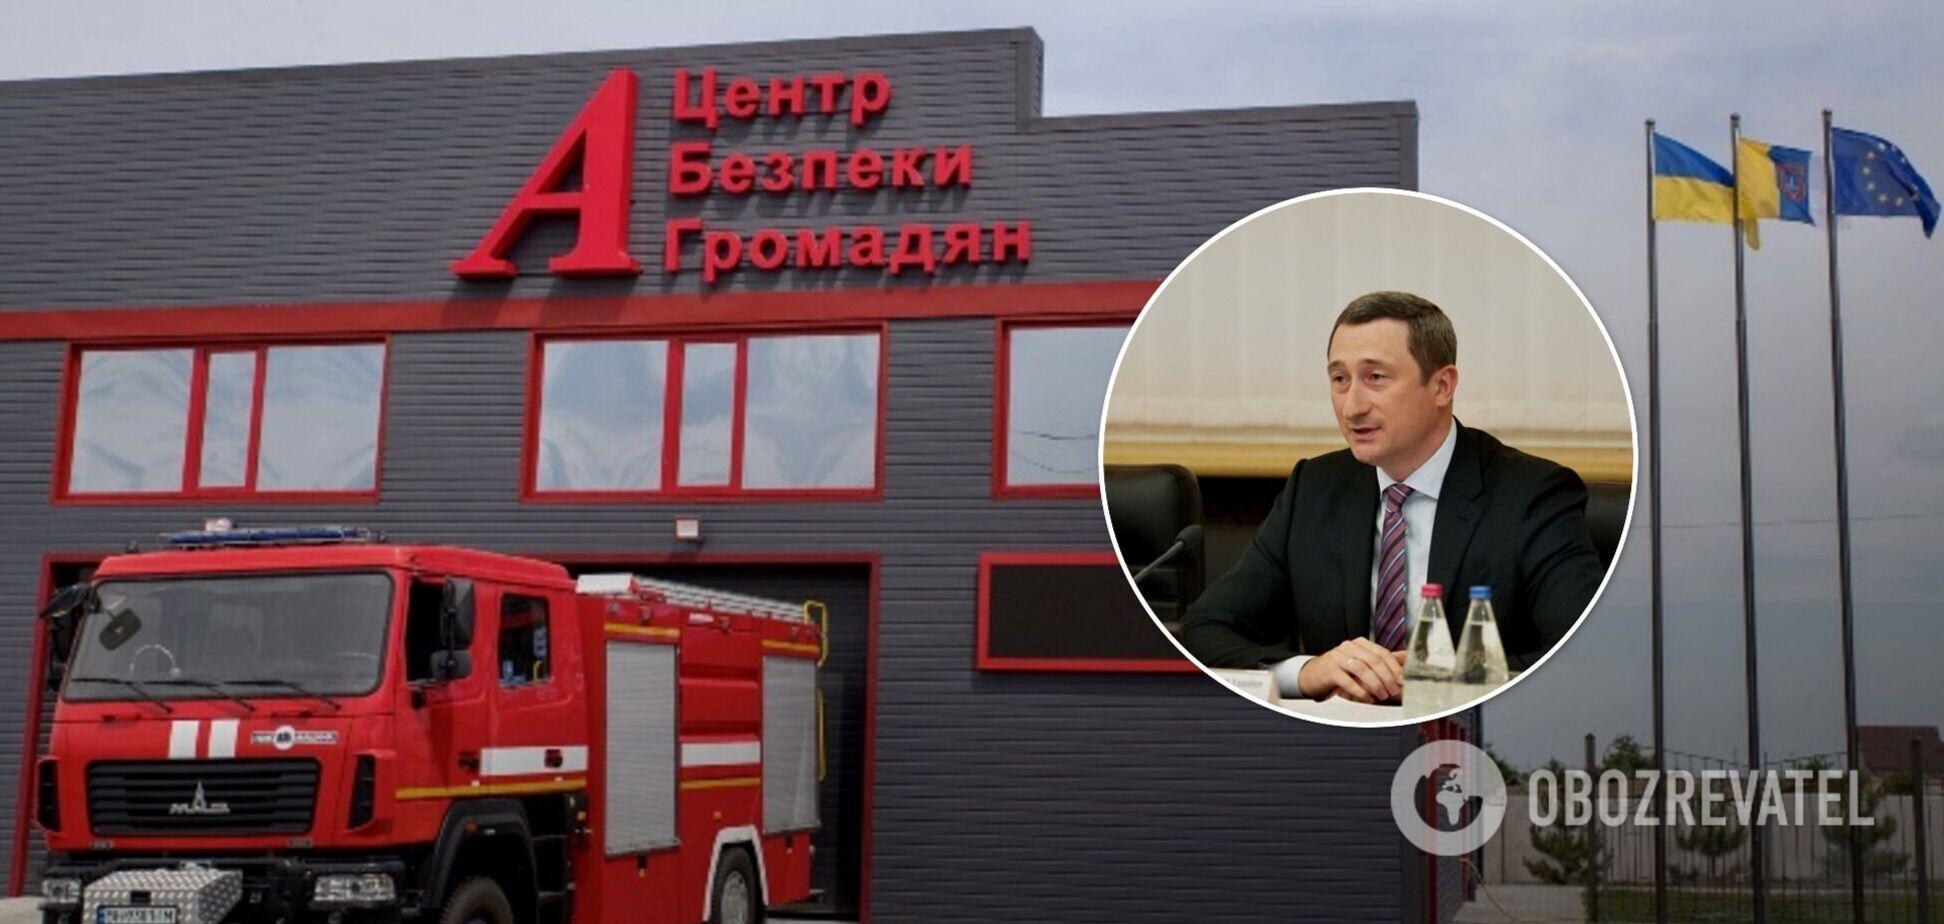 В Україні створюють 'Центри безпеки', які об'єднають поліцію, 'швидку' та пожежну служби, – Чернишов